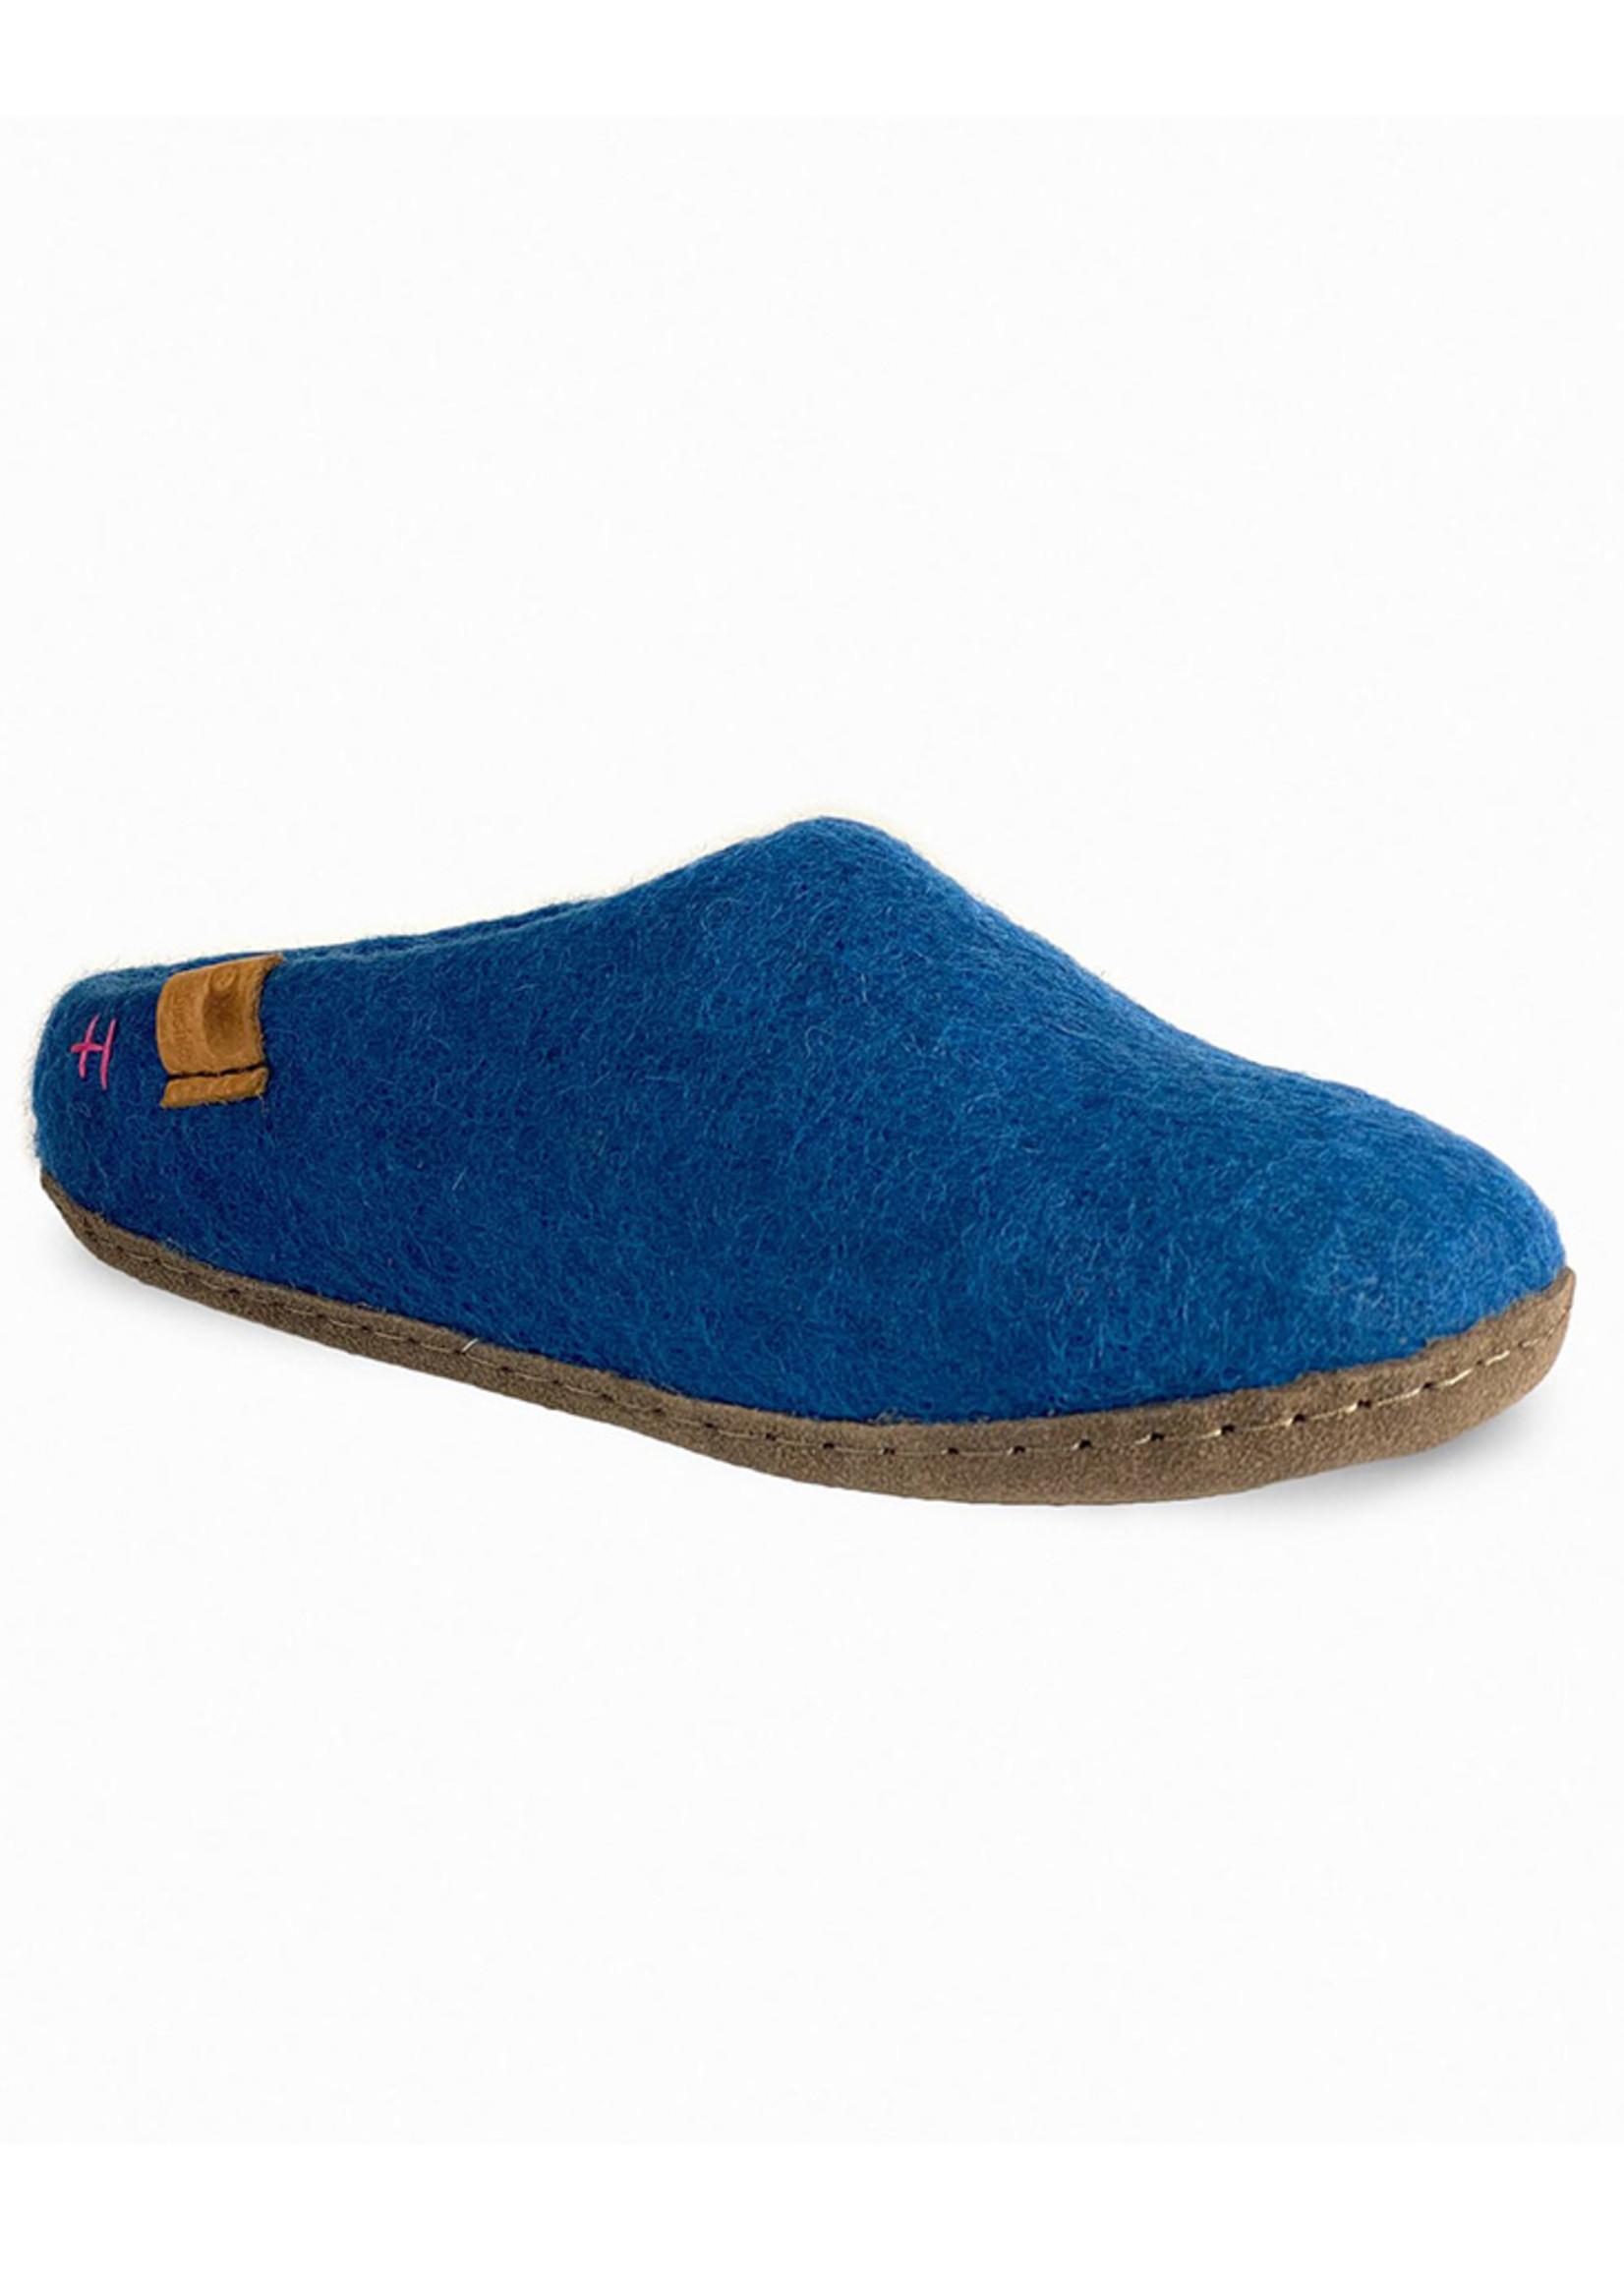 Baabushka Denim Blue Wool Slippers